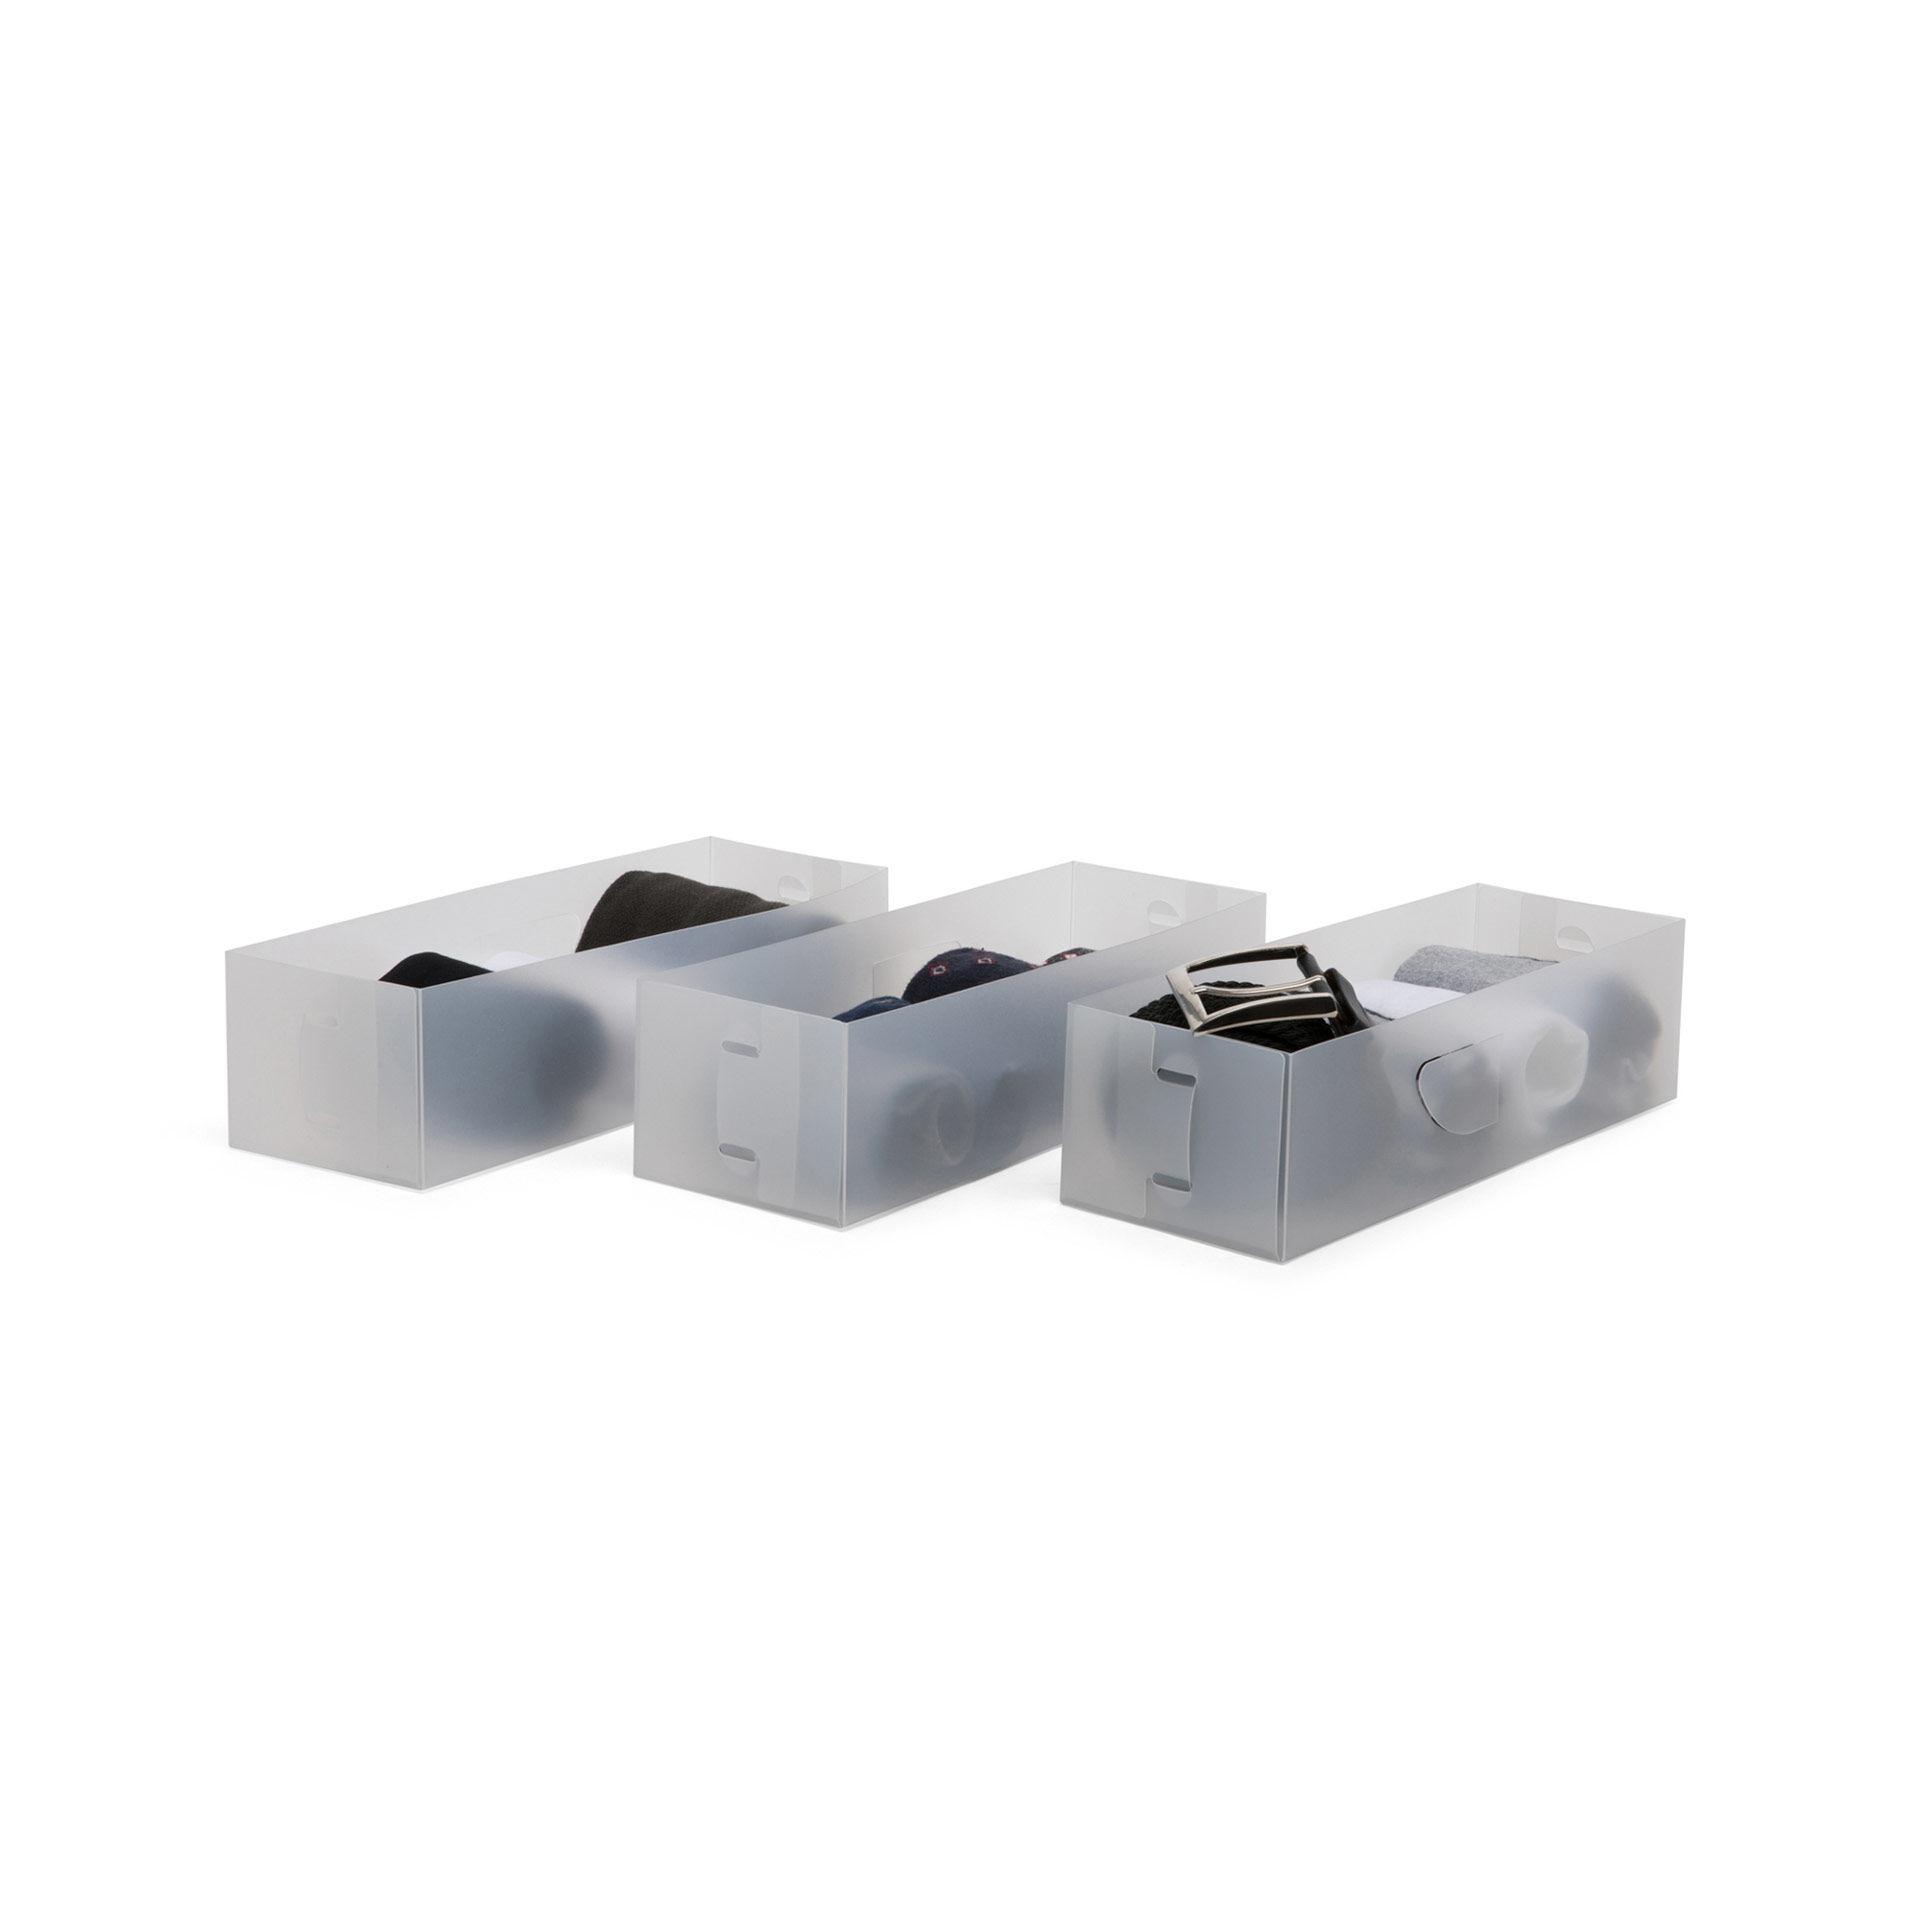 Organisateur de tiroir pour linge - Lot 3 pièces, , large